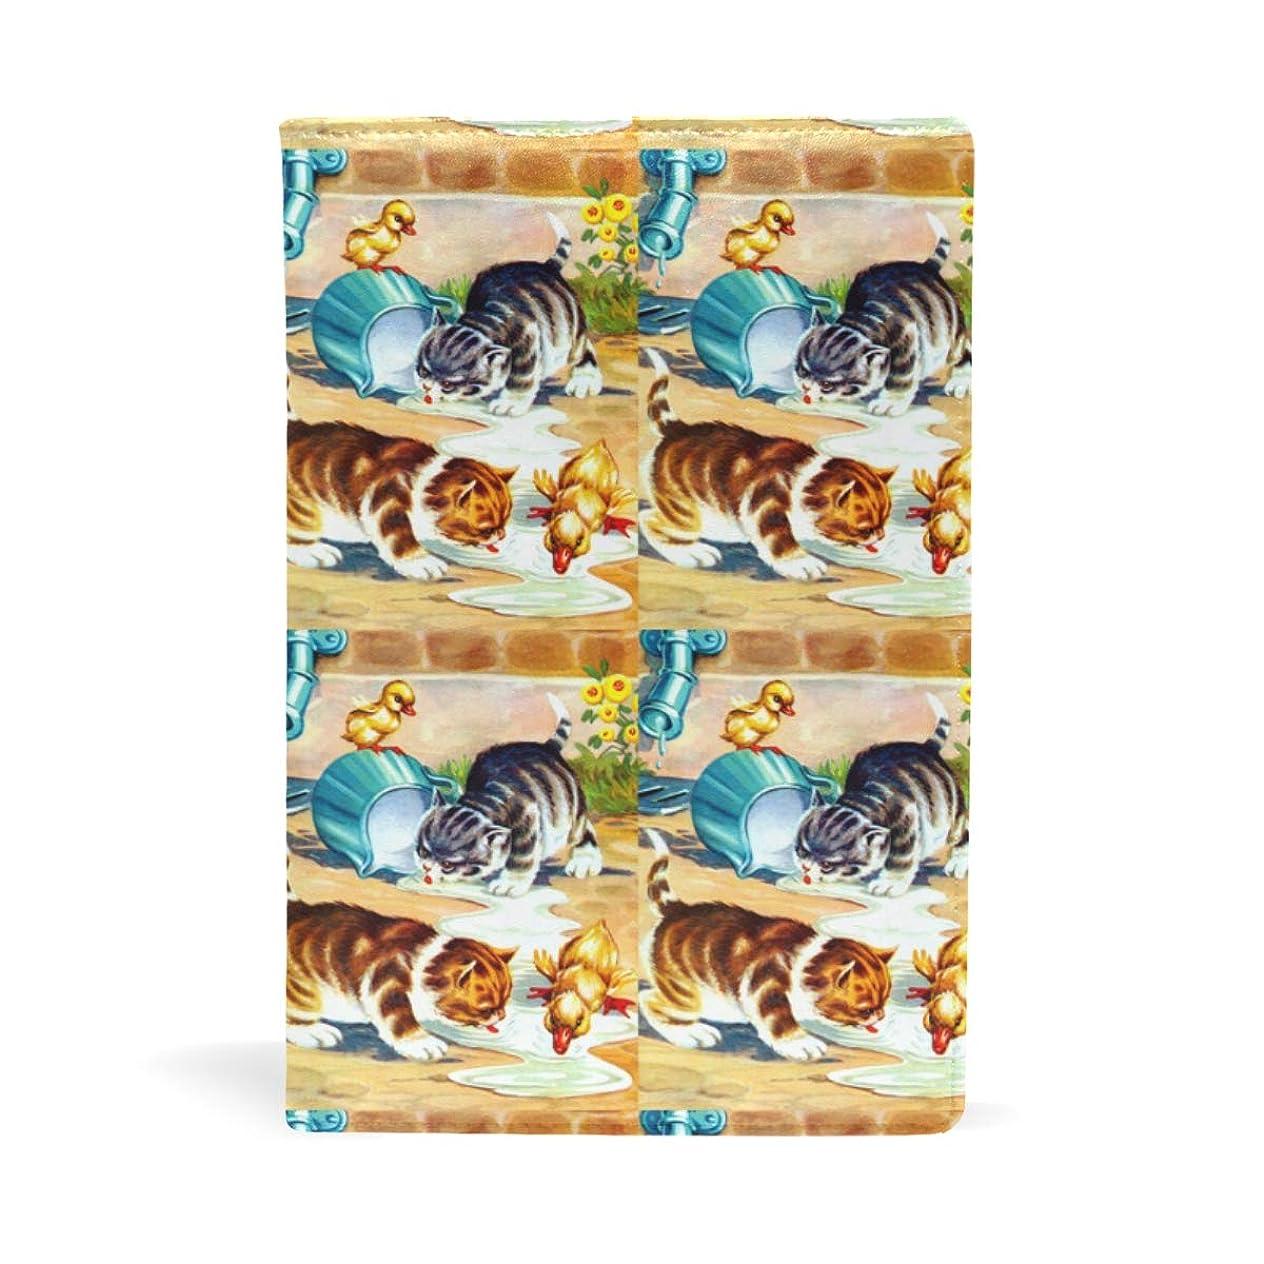 感嘆大聖堂ブル子猫とアヒル 鴨 ミルクを飲む ブックカバー 文庫 a5 皮革 おしゃれ 文庫本カバー 資料 収納入れ オフィス用品 読書 雑貨 プレゼント耐久性に優れ